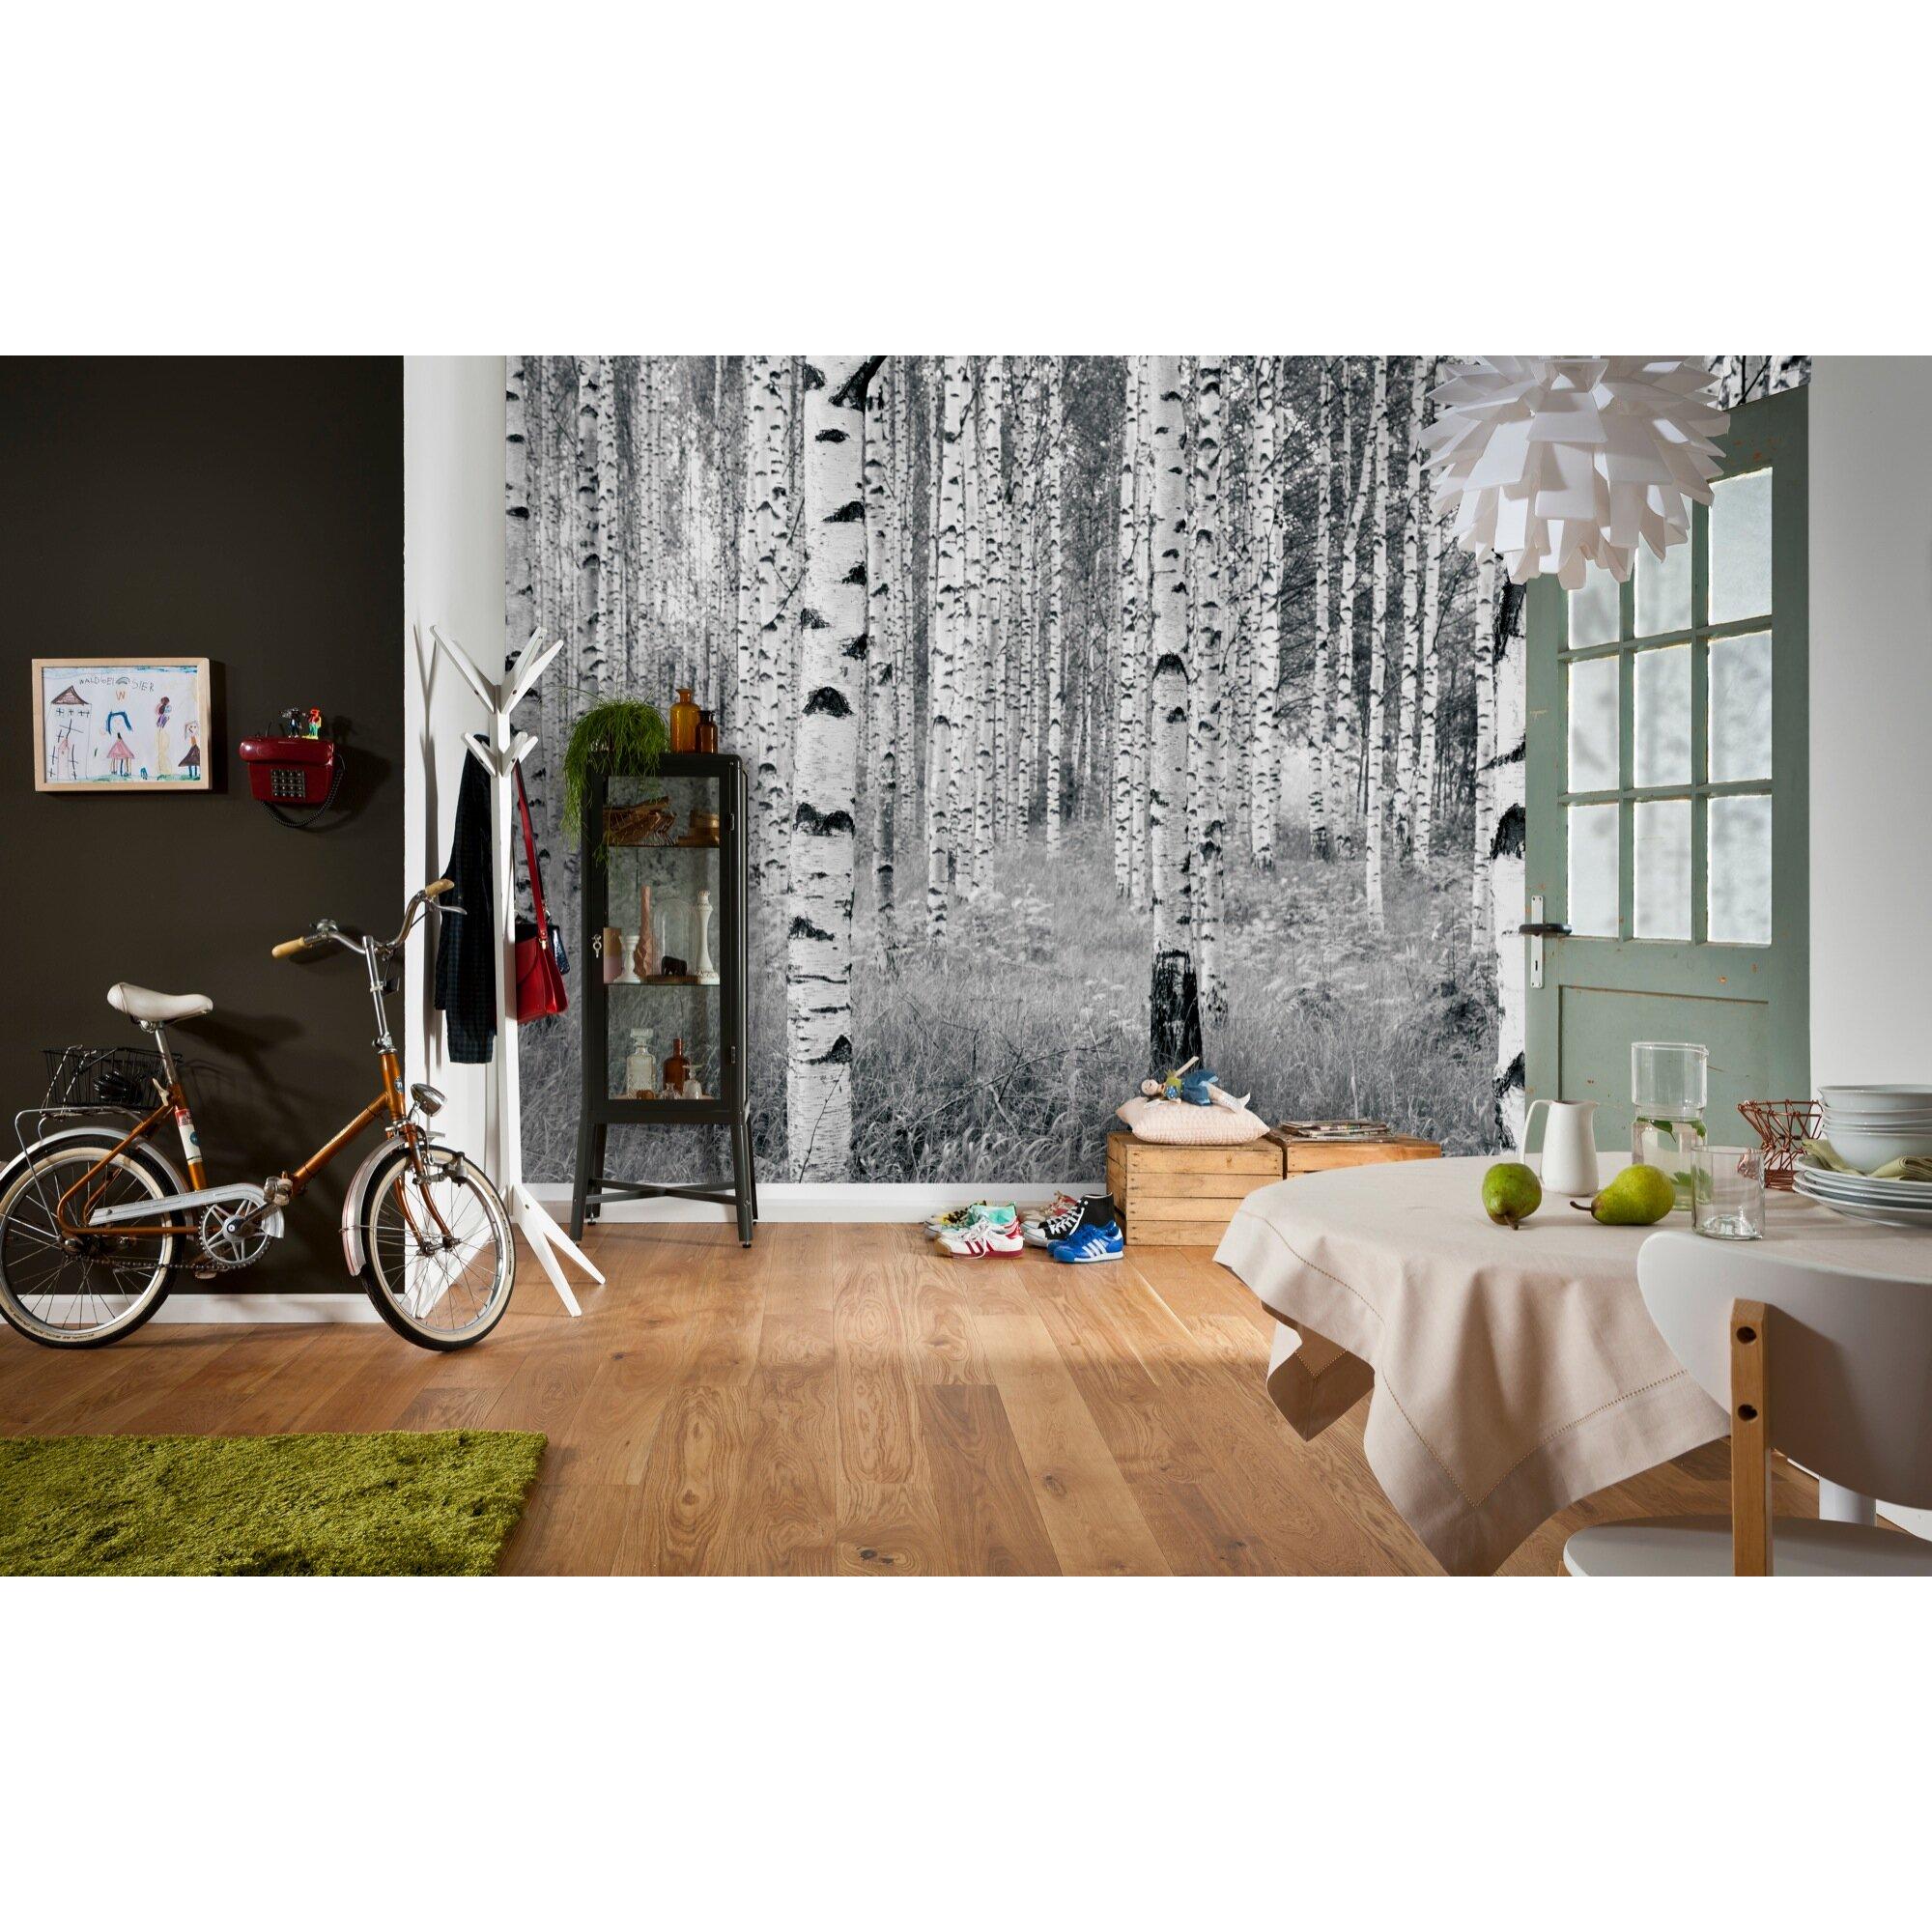 komar birch forest wall mural wayfair ca